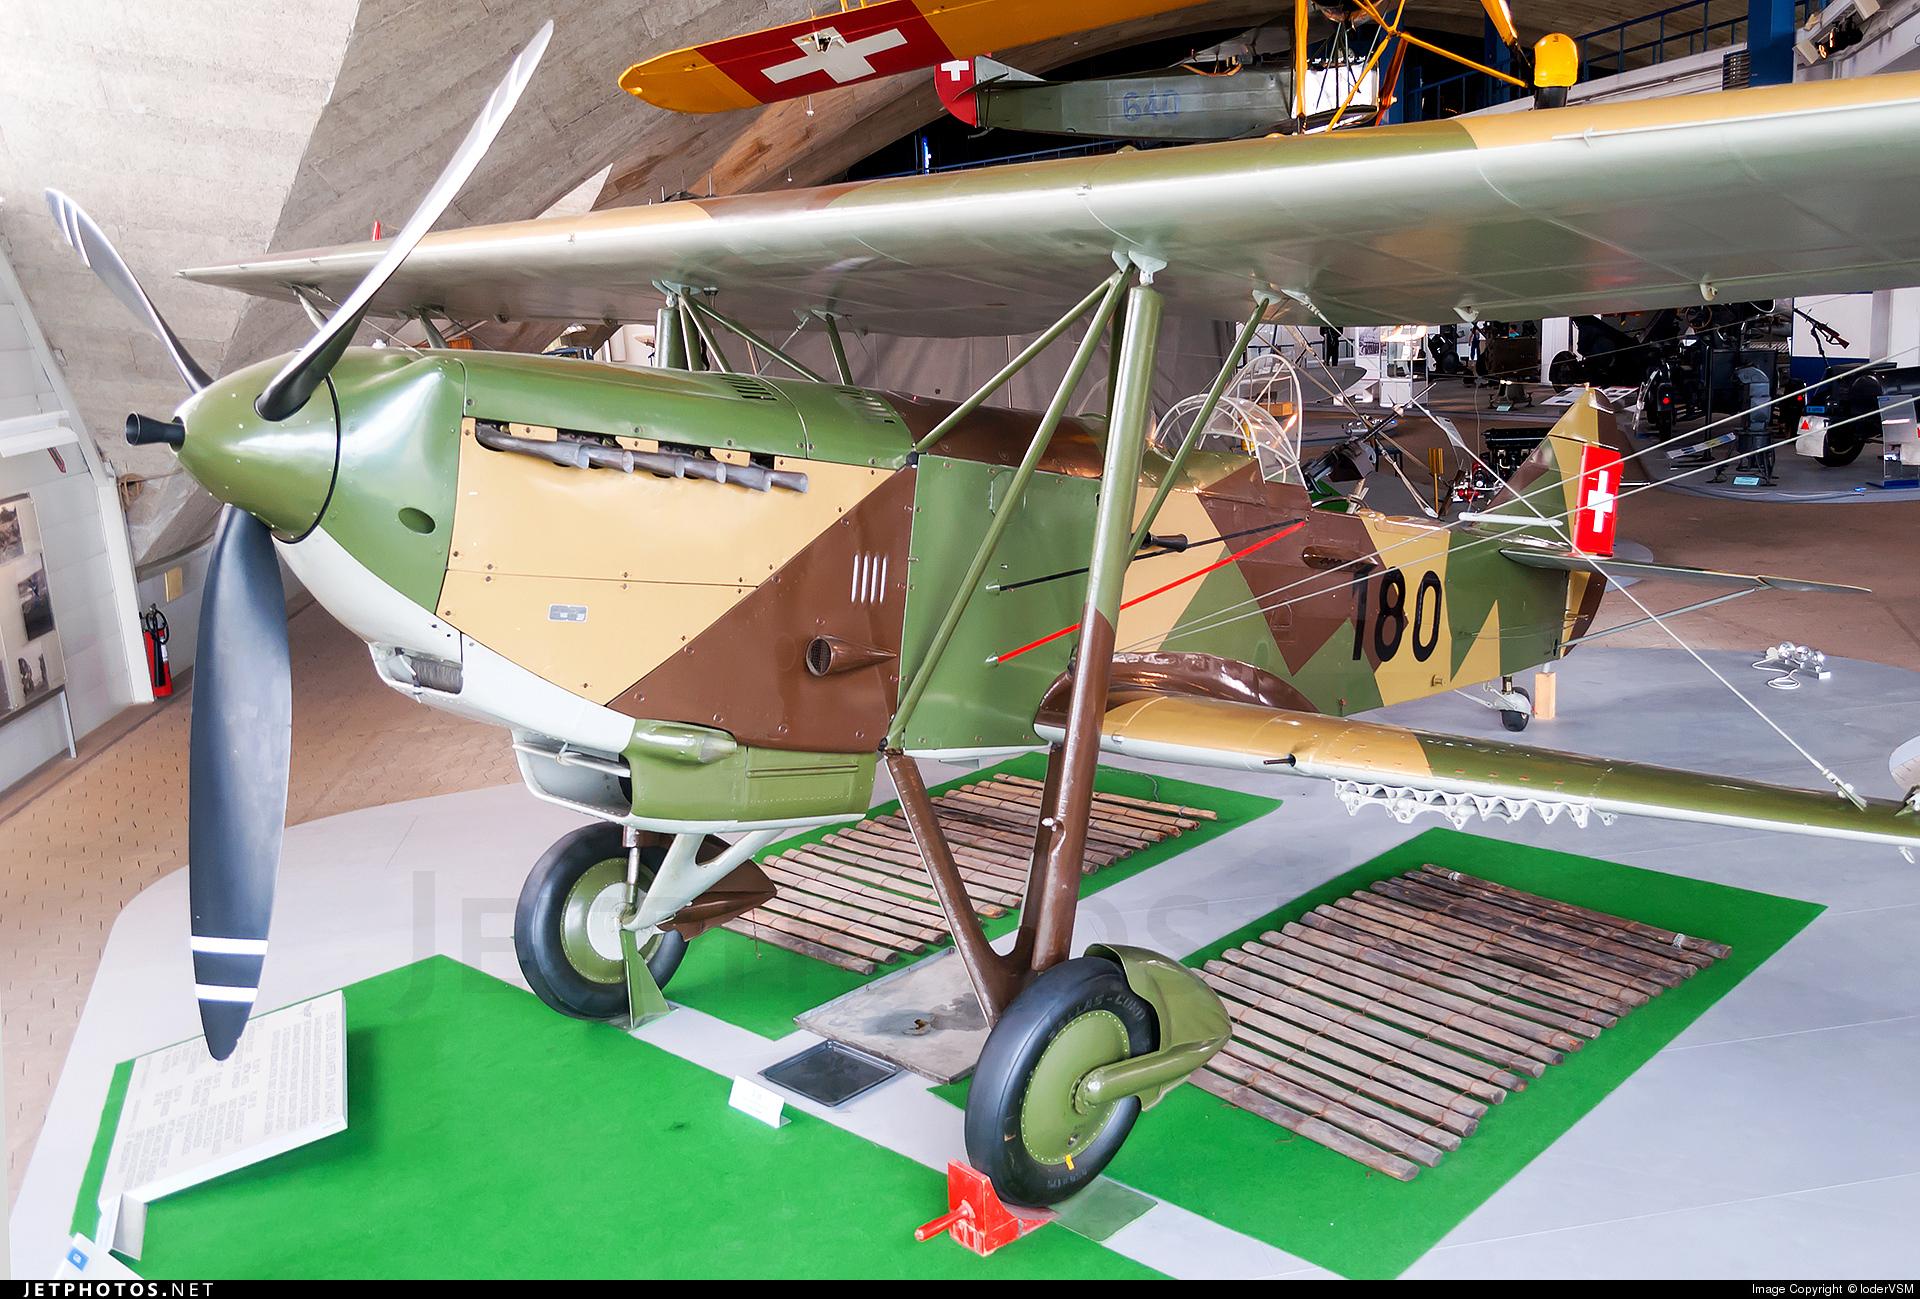 180 | EKW C-35-180 | Switzerla...